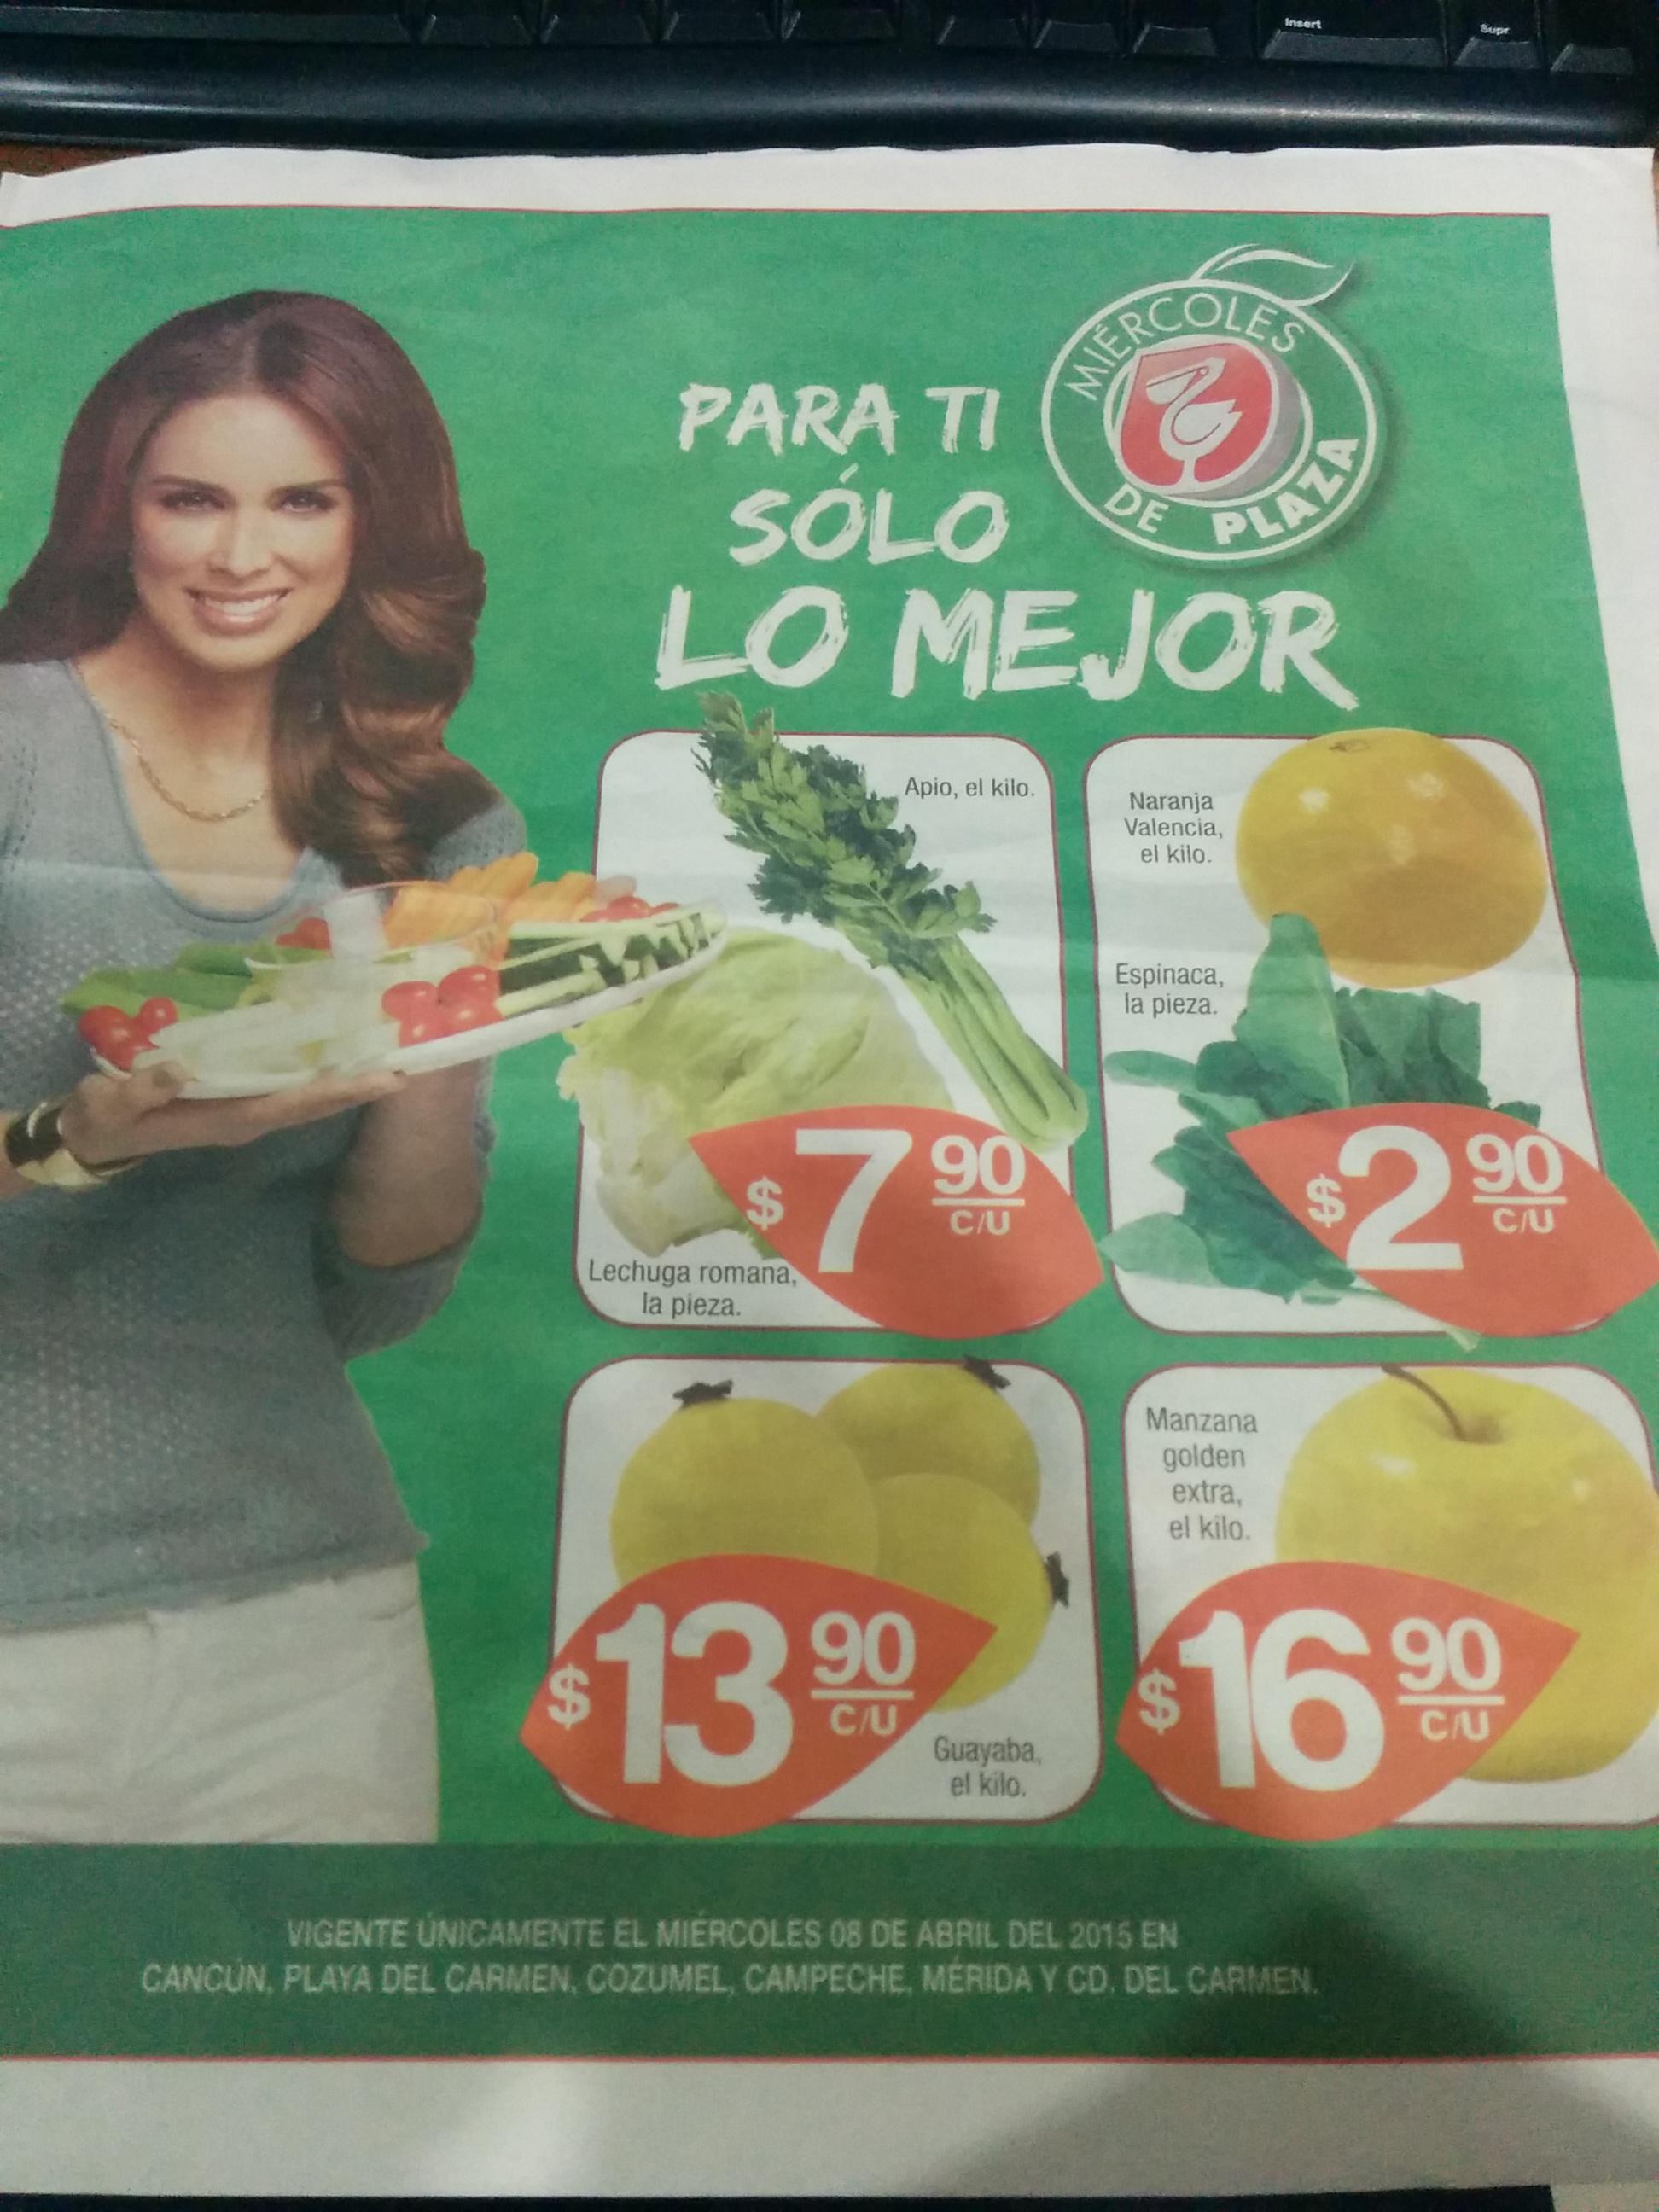 Miércoles de plaza en La comer abril 8: naranja $2.90 el kilo y más